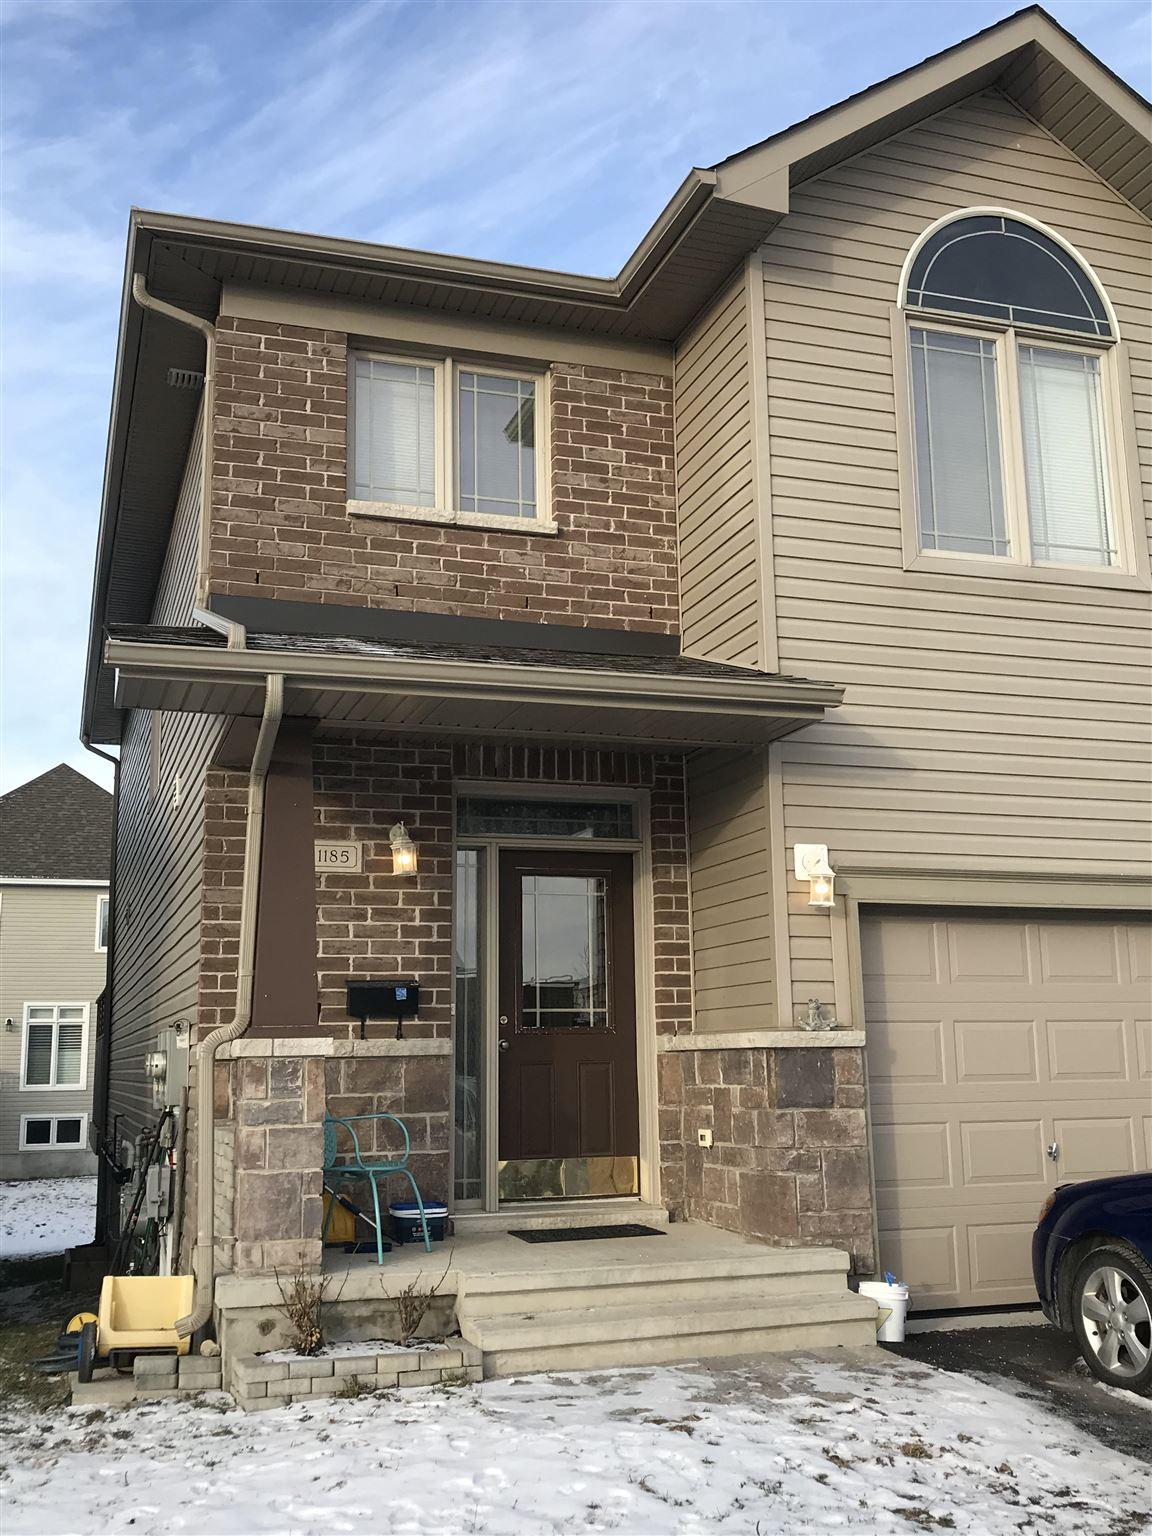 1185 Horizon Court, Kingston, Ontario, Canada